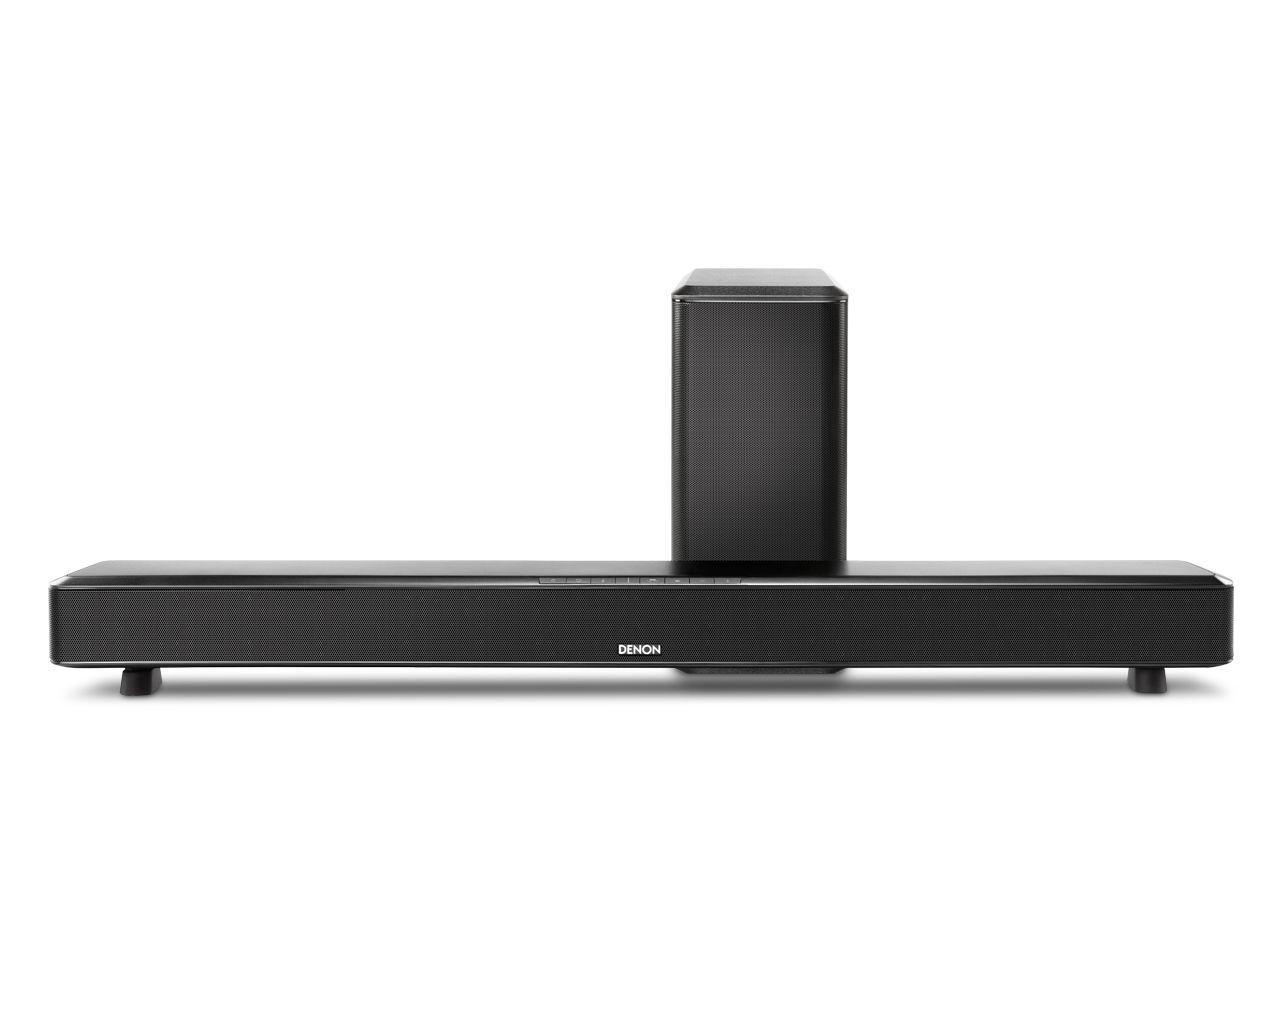 Denon stelt gebruiksvriendelijke soundbar voor